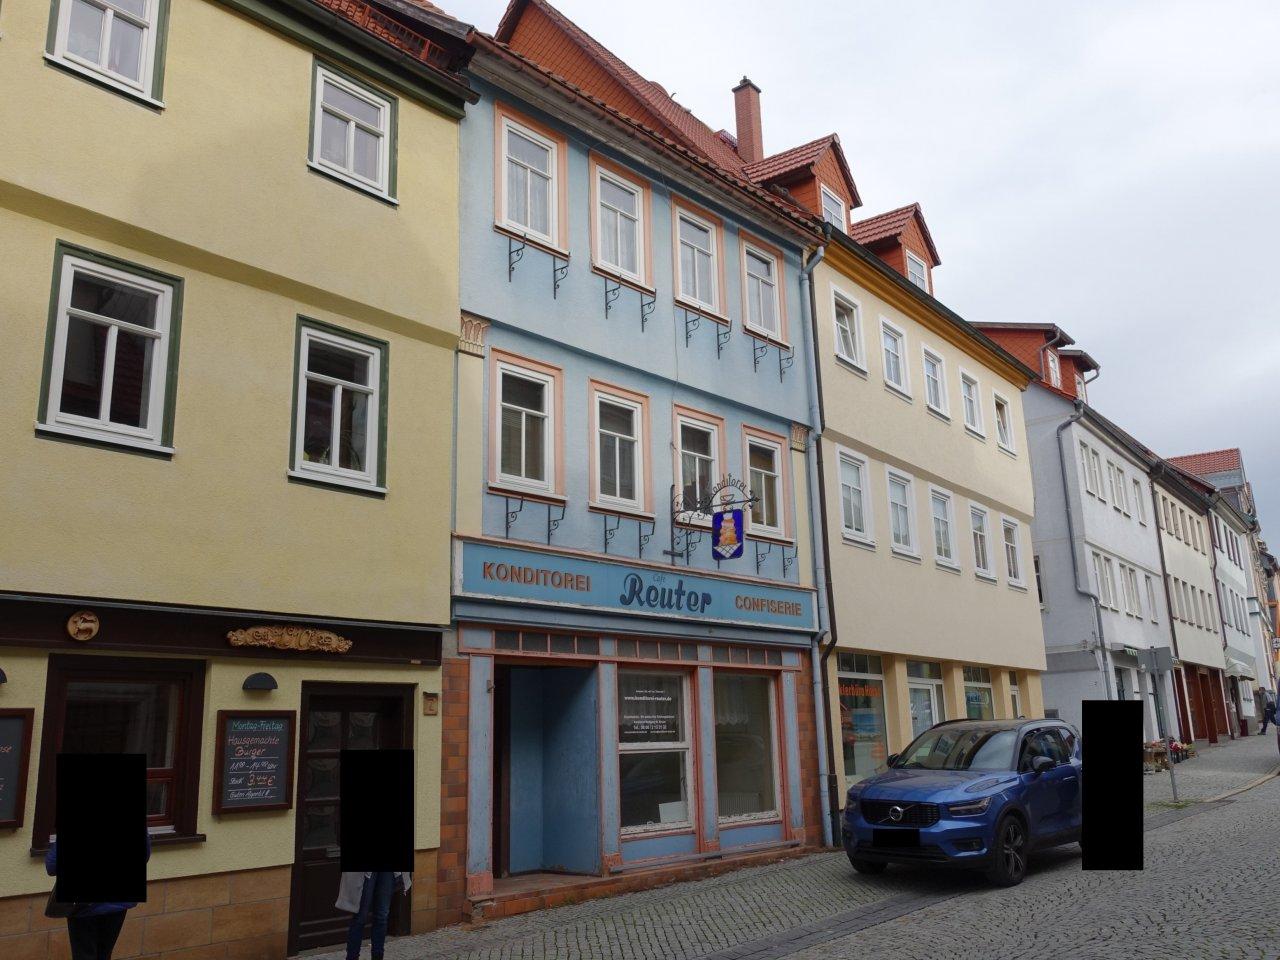 Wohn- und Geschäftshaus in unmittelbarer Nähe zum Marktplatz & dem naturhistorischen Museum Schloss Bertholdsburg